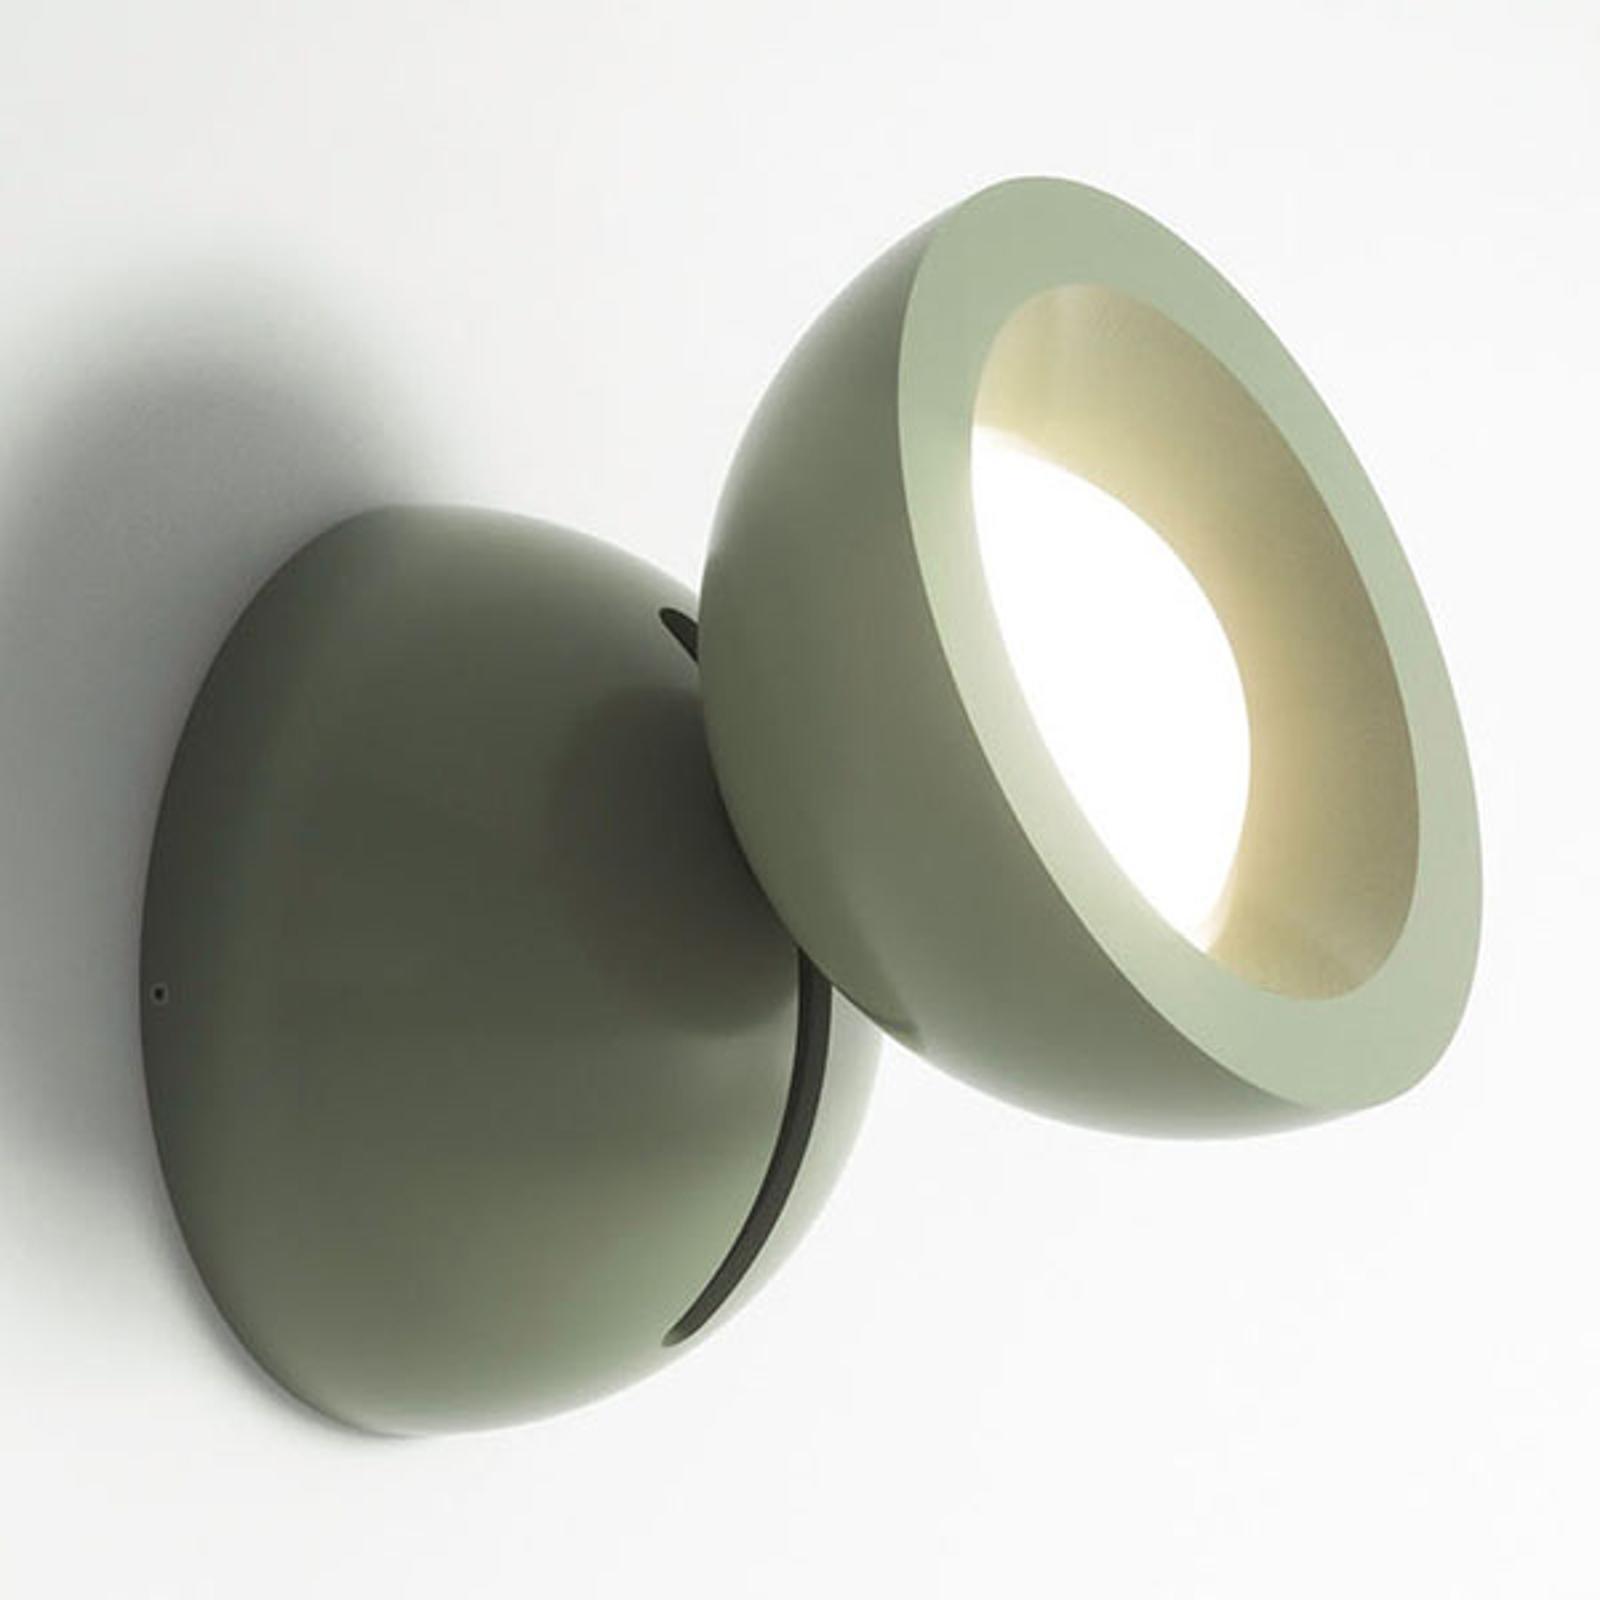 Axolight DoDot applique LED, verte 15°